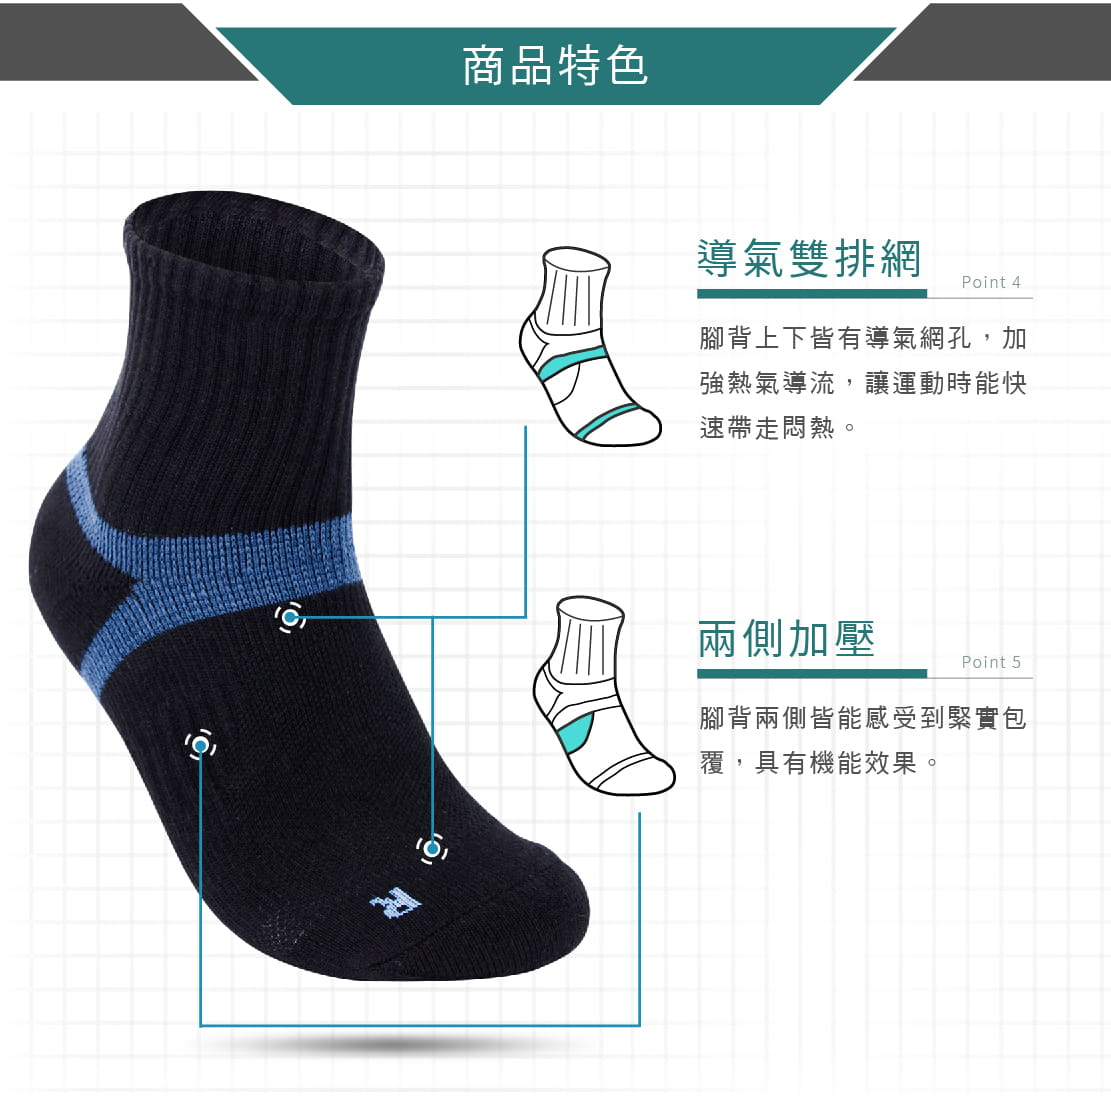 【FAV】足弓機能運動襪 3